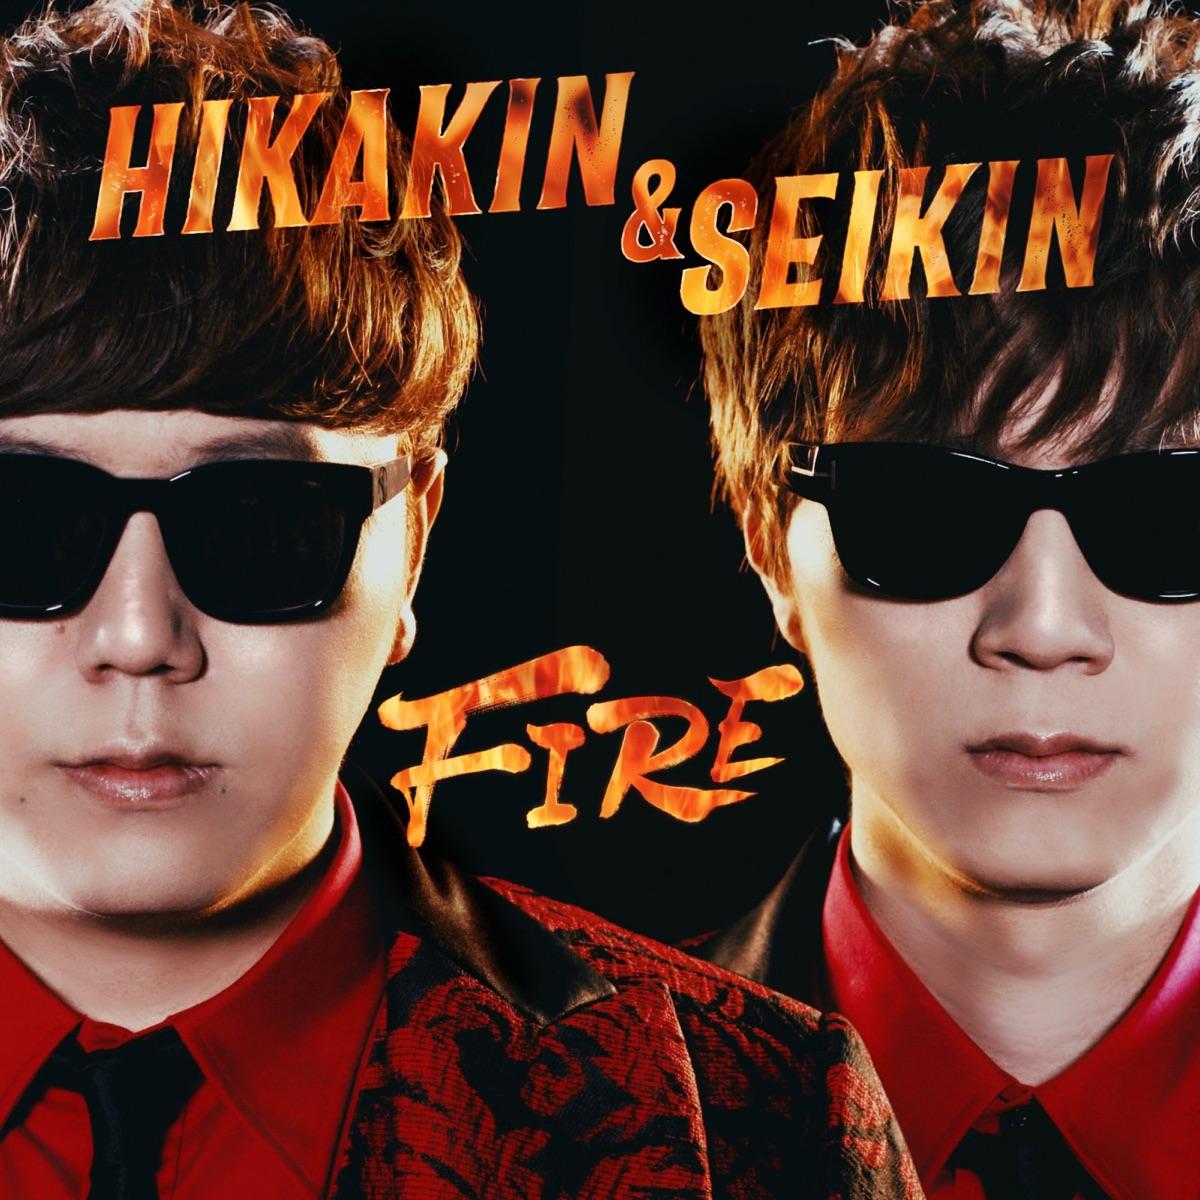 『HIKAKIN & SEIKIN - FIRE』収録の『FIRE』ジャケット